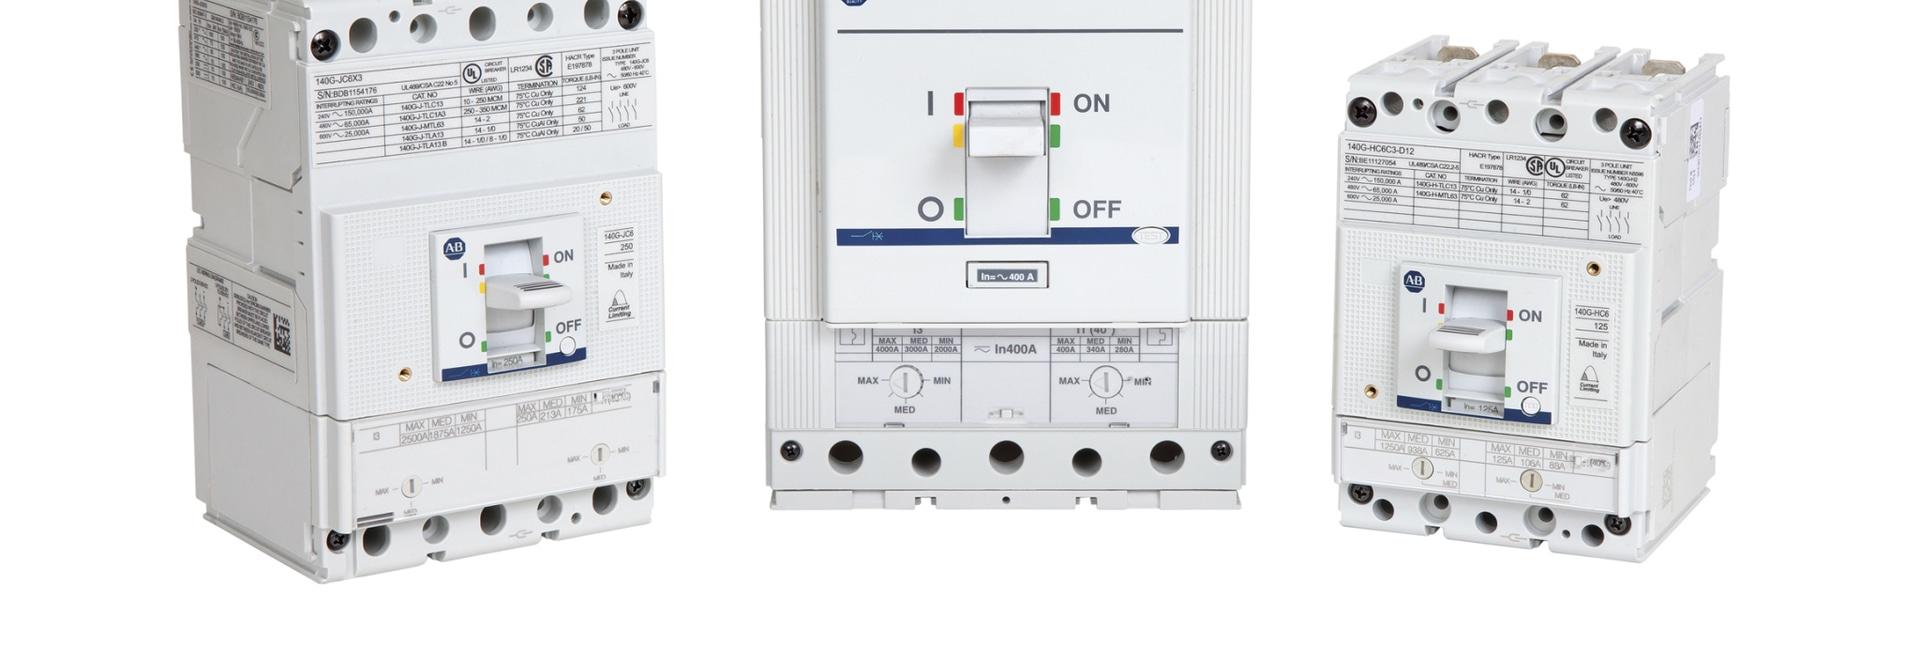 Formen-Fallleistungsschalter für elektrischen Schutz